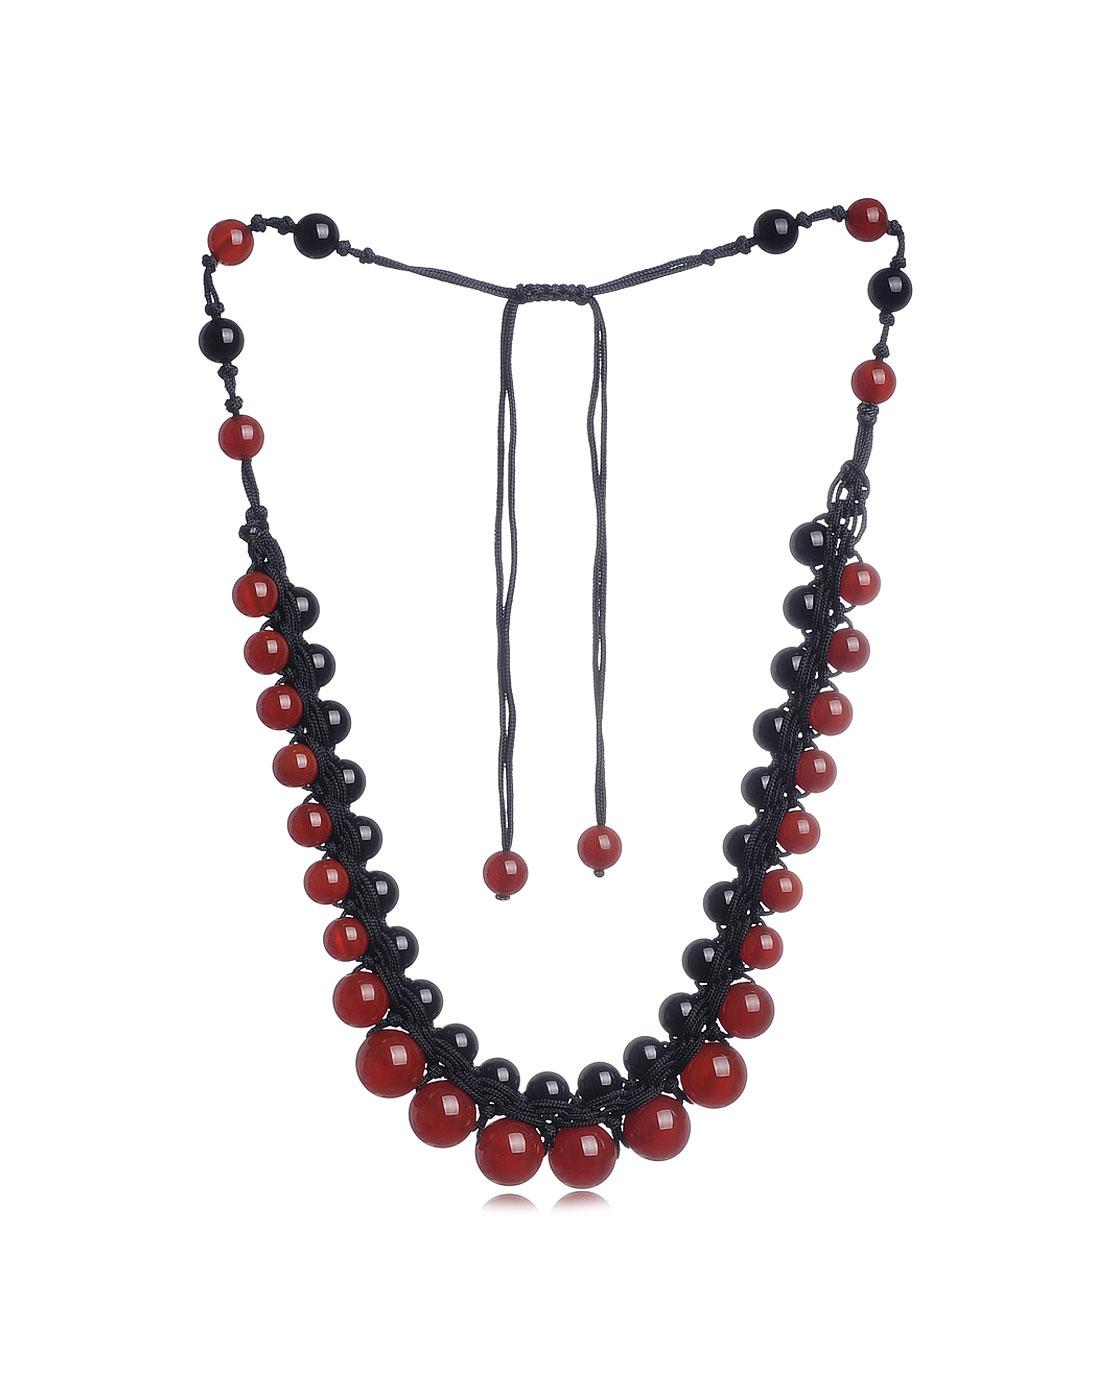 纯手工编织红黑玛瑙项链-party女郎